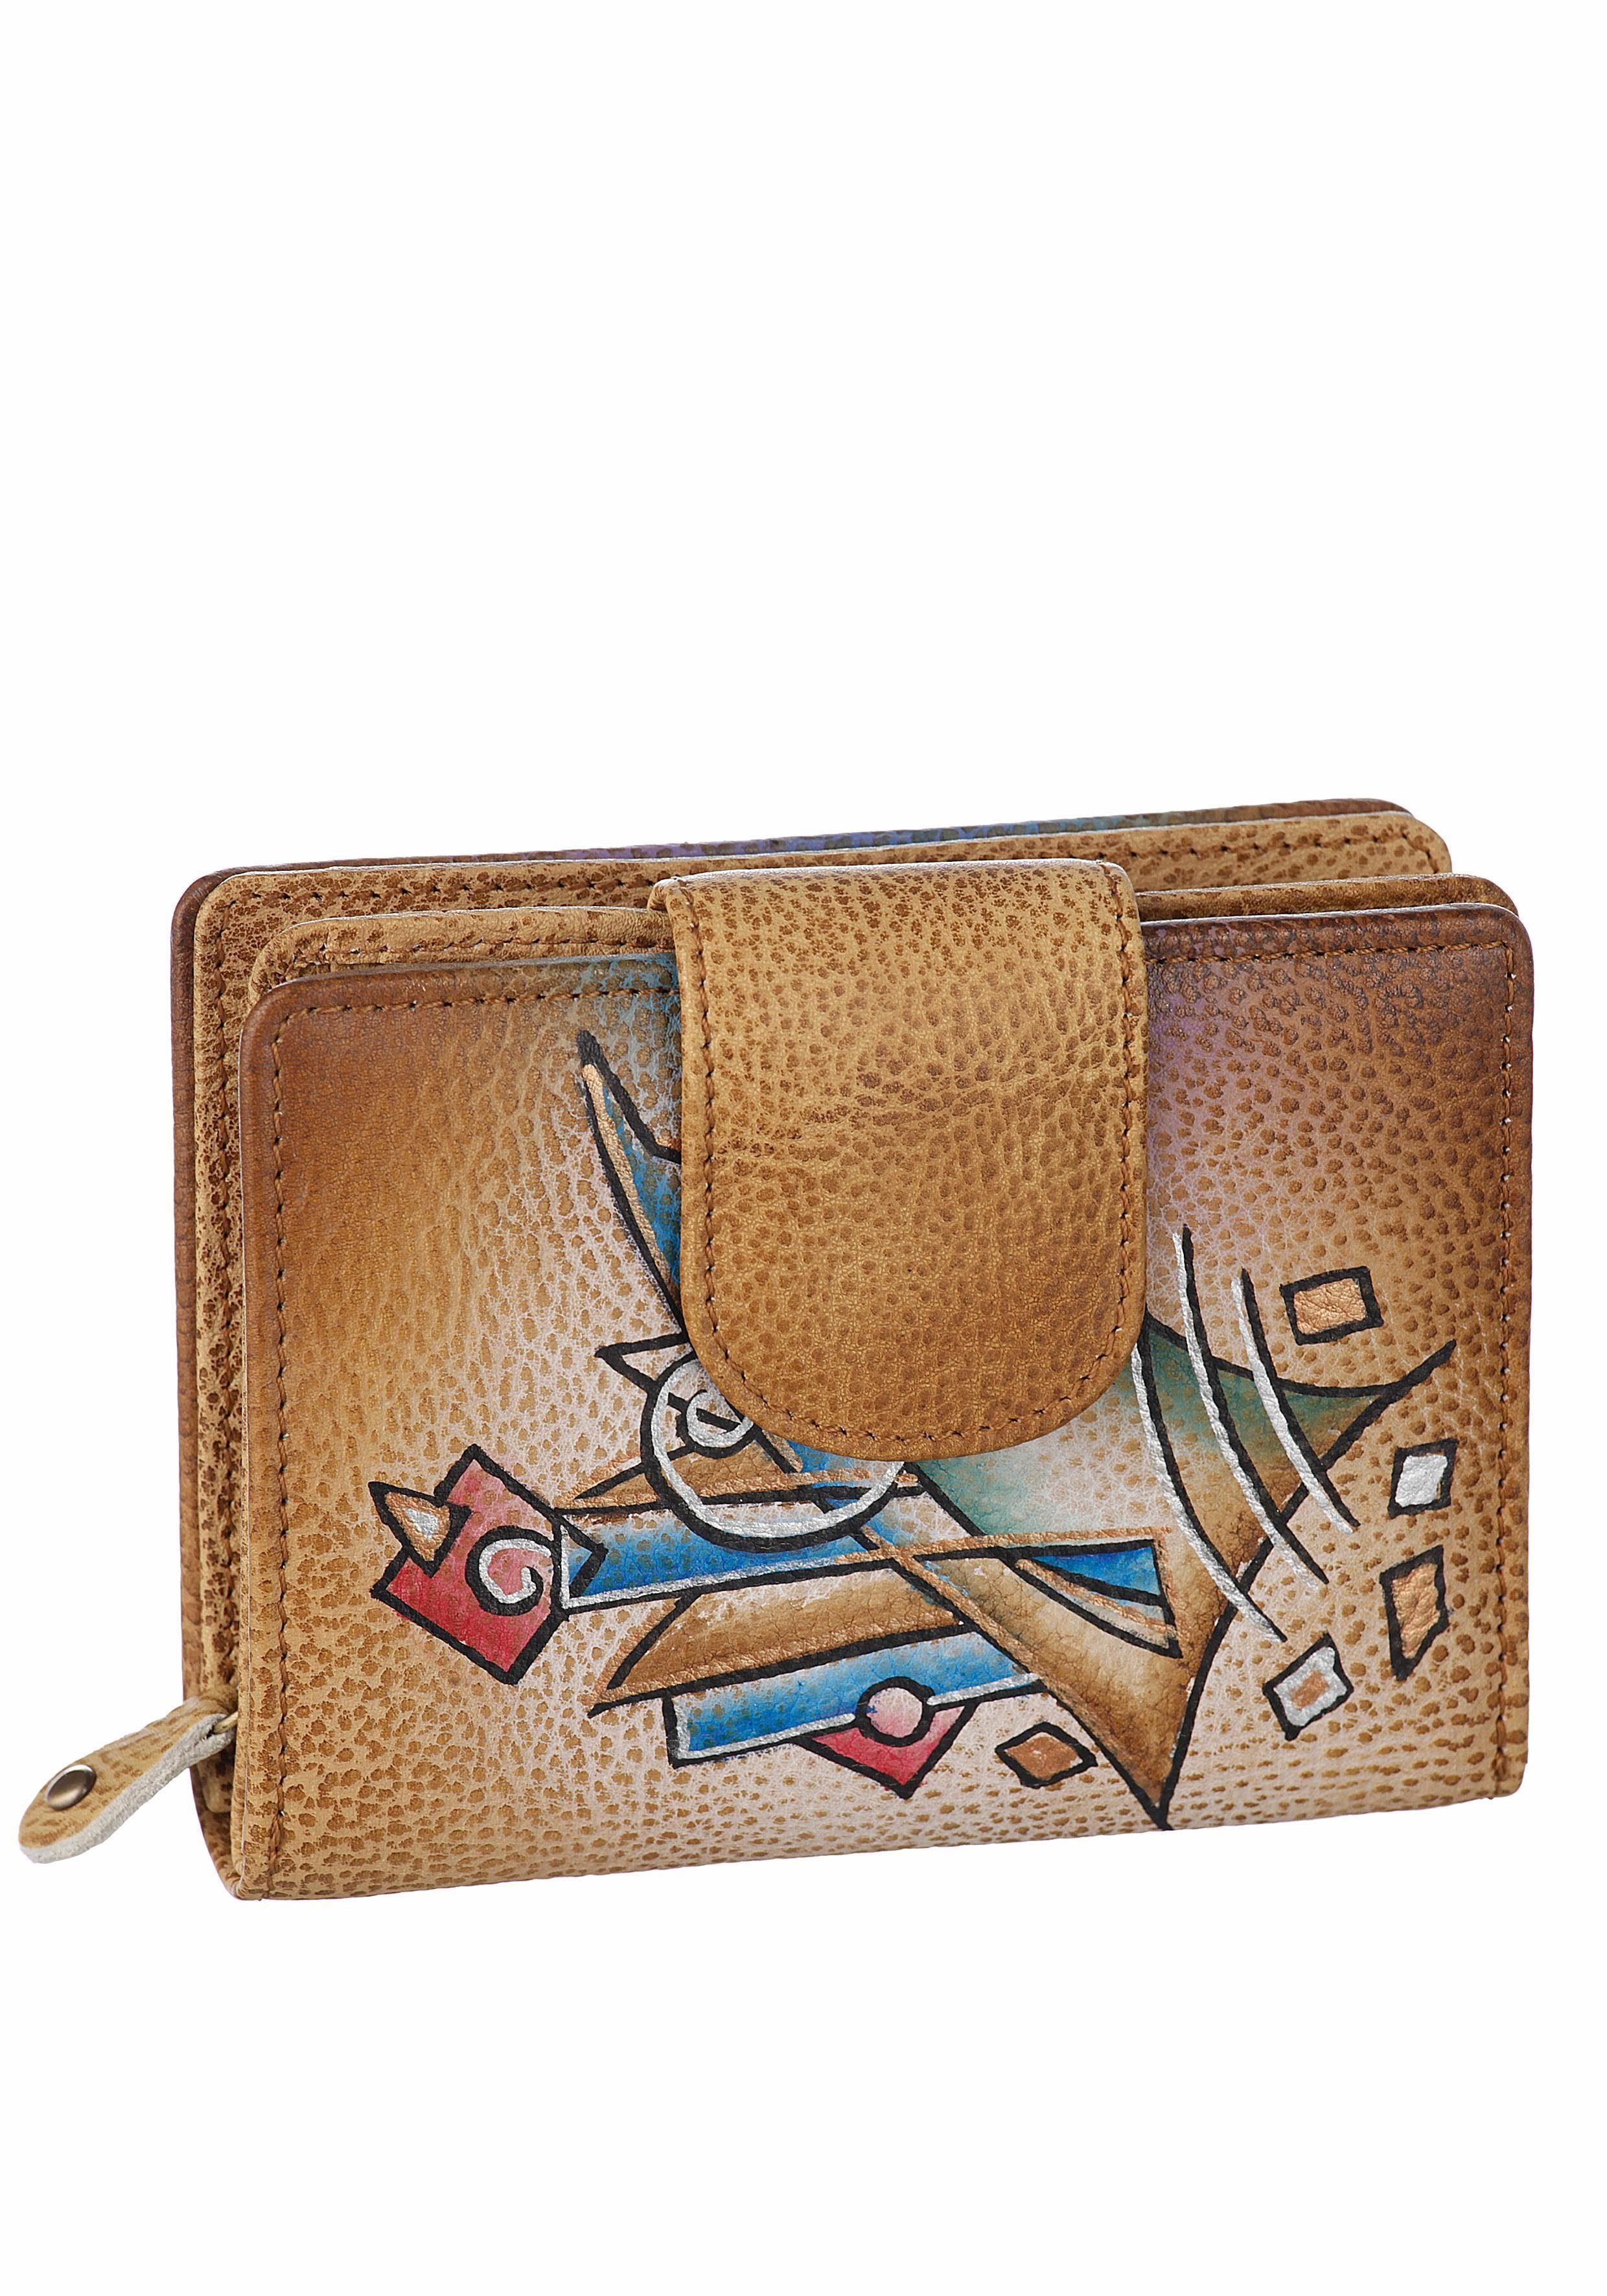 Art & Craft Geldbörse, aus Leder mit praktischer Einteilung